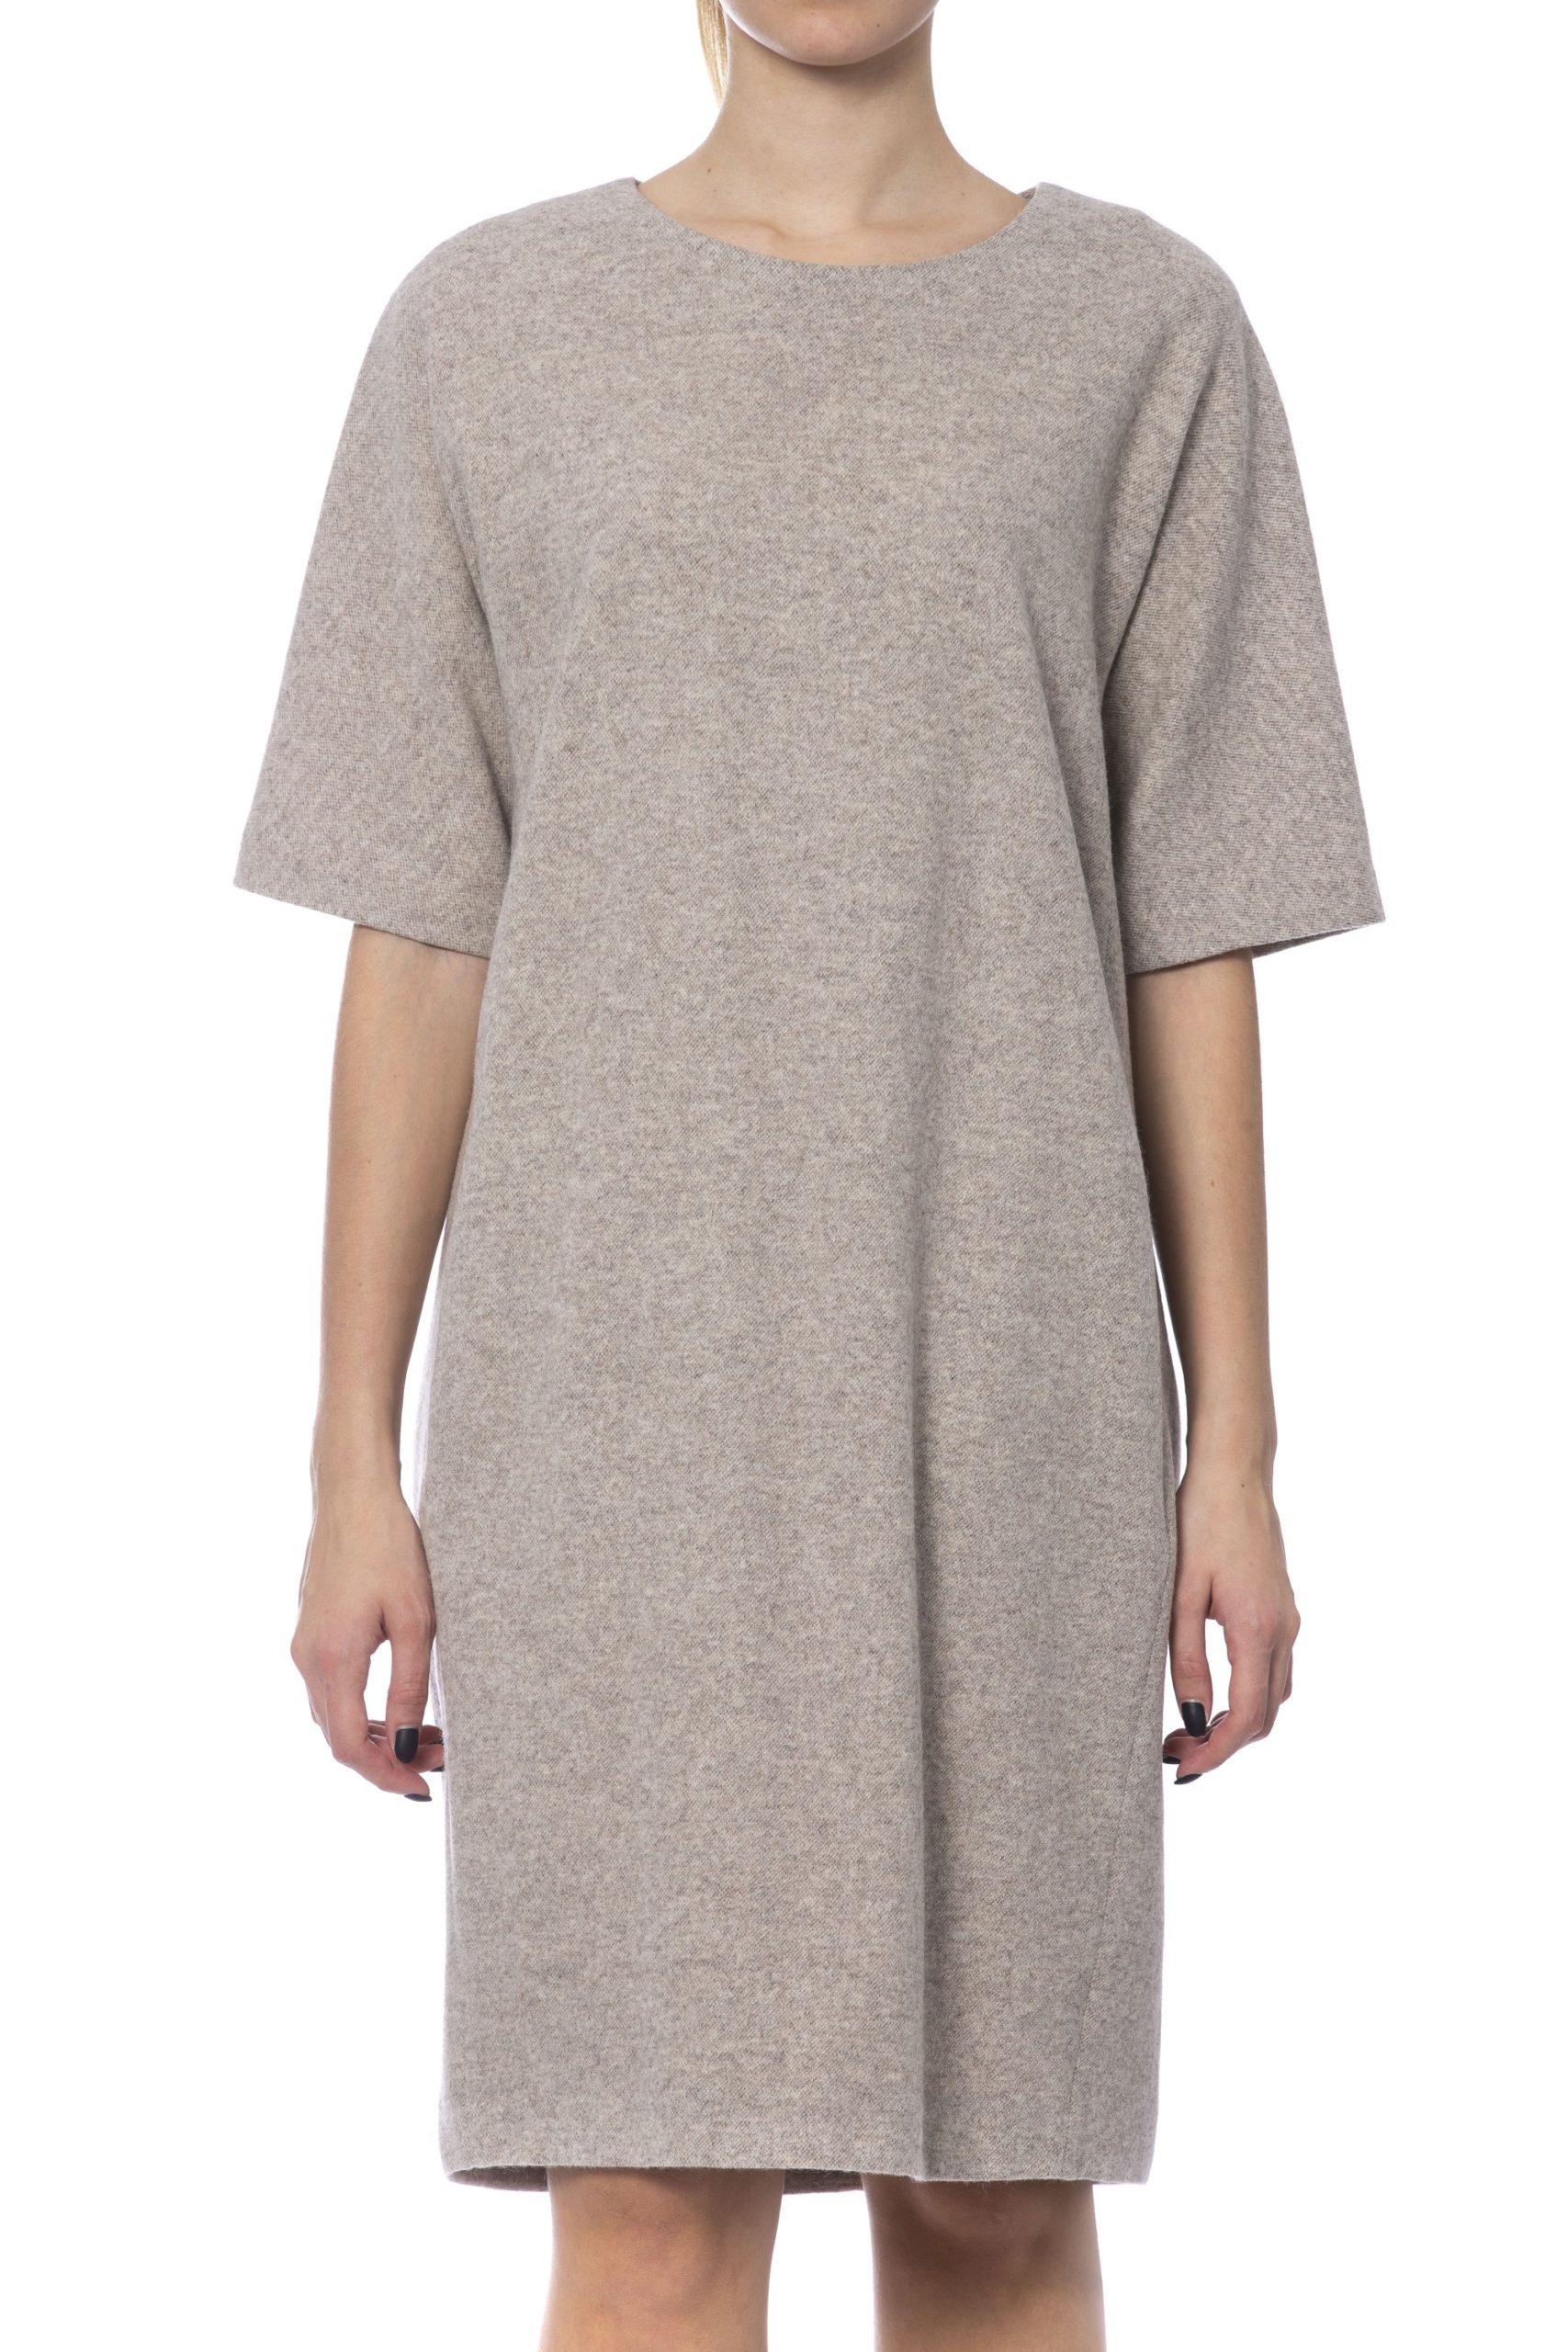 Peserico Women's Dress Beige PE992846 - IT42 | S